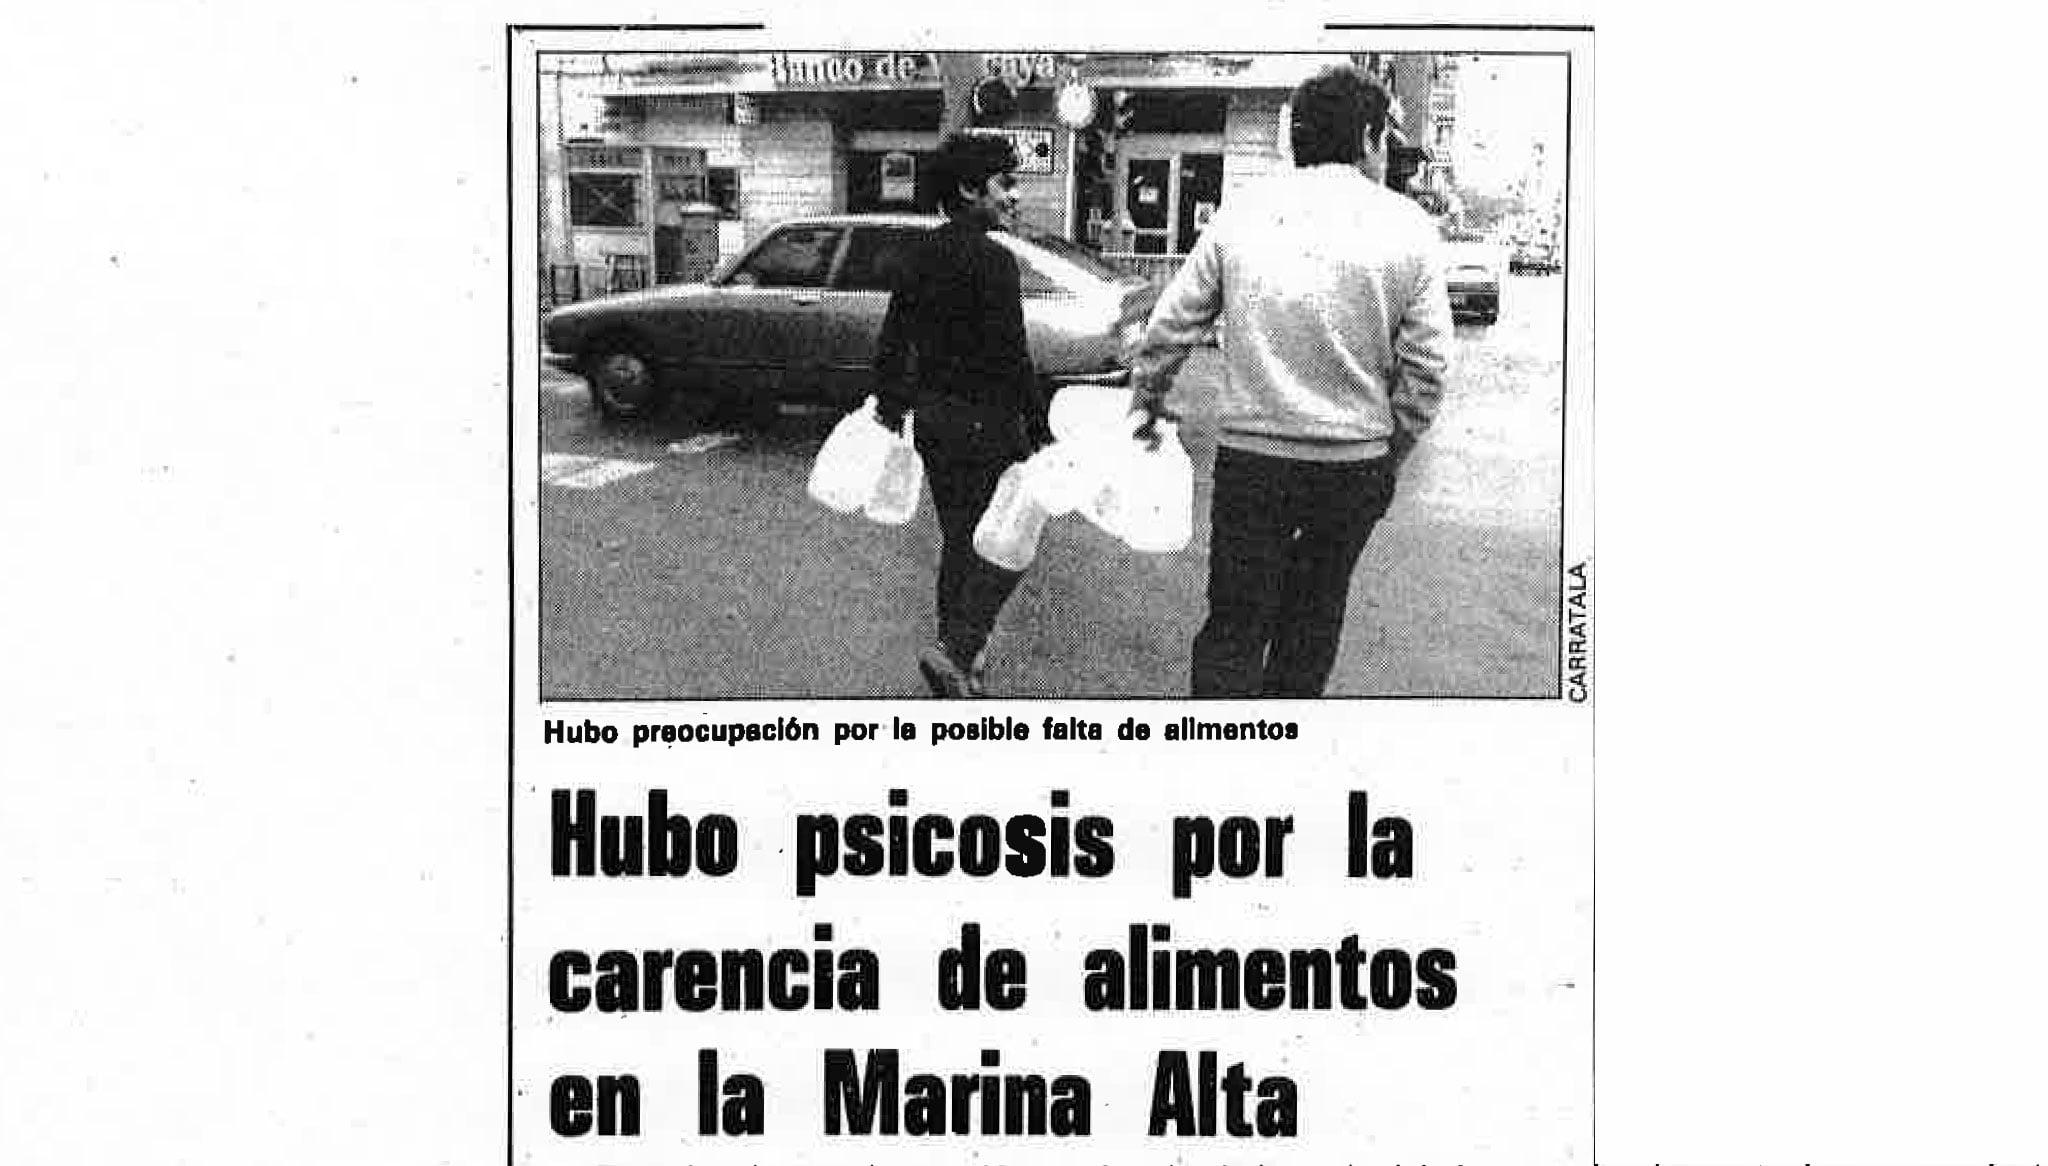 El 1985, molta gent va creure que patiria desproveïment d'aliments (Foto: Diari Informació, 17 novembre de 1985)